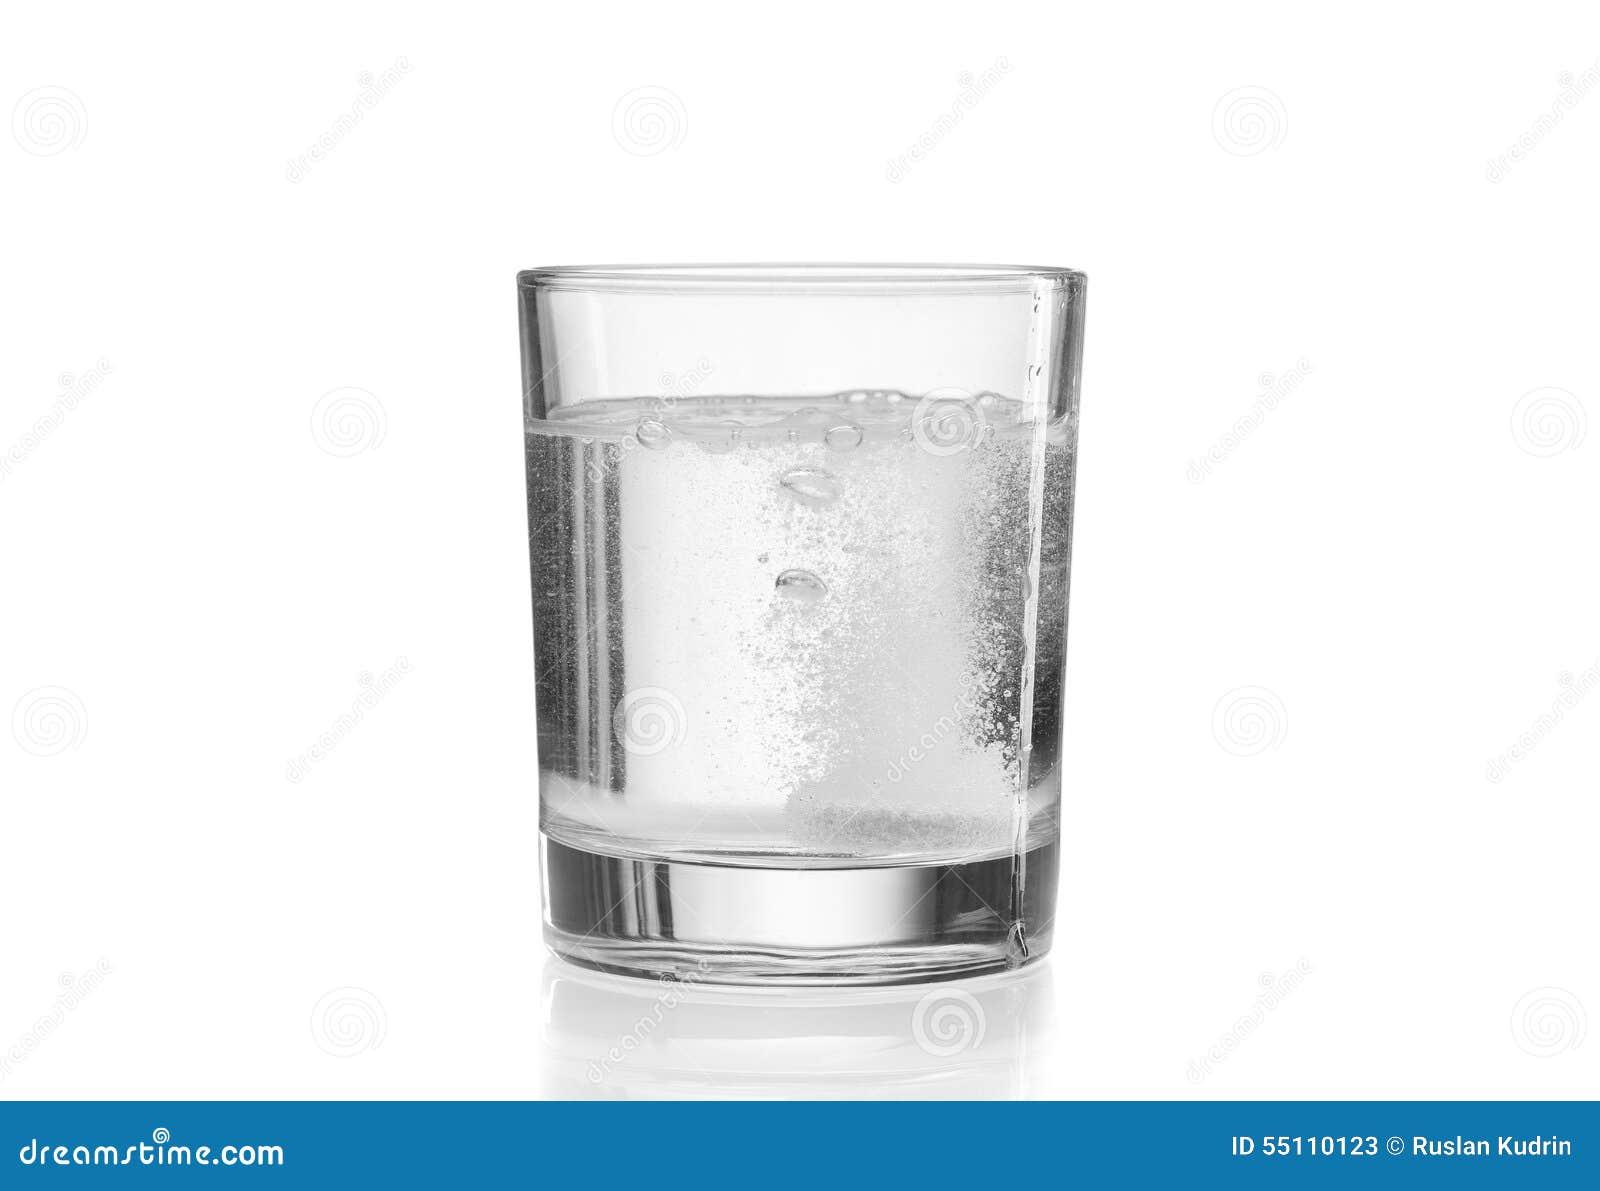 Fizzy Tablette im Glas Wasser